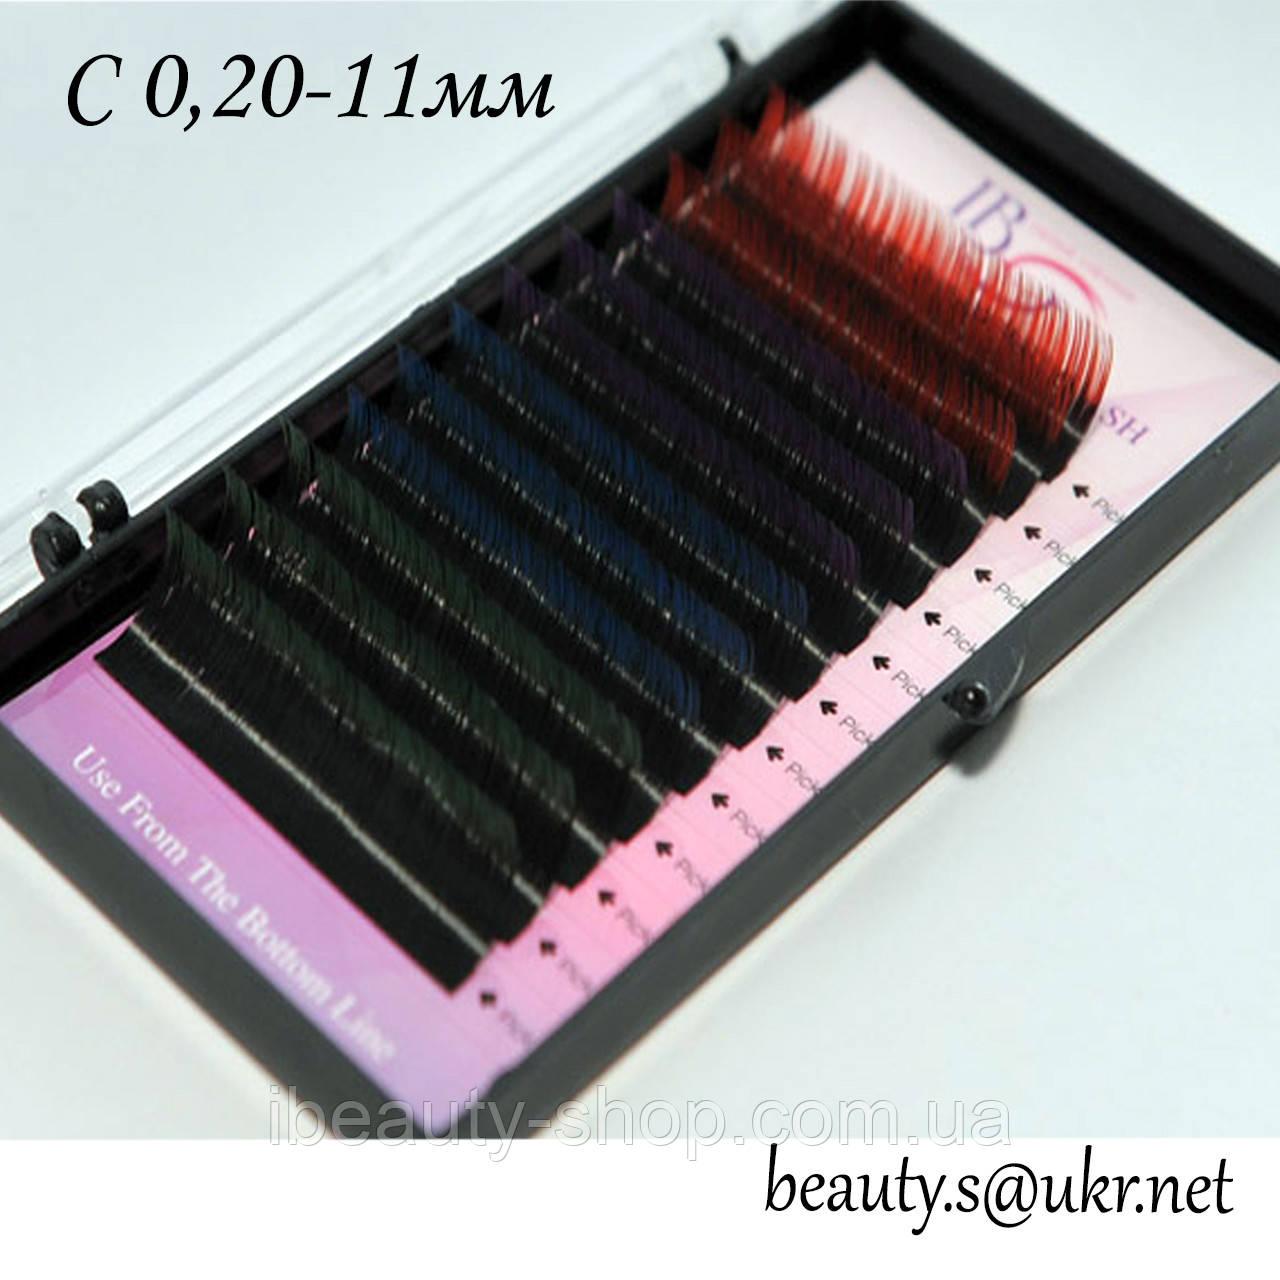 Ресницы I-Beauty, С 0,20-11мм,цветные концы,4 цвета